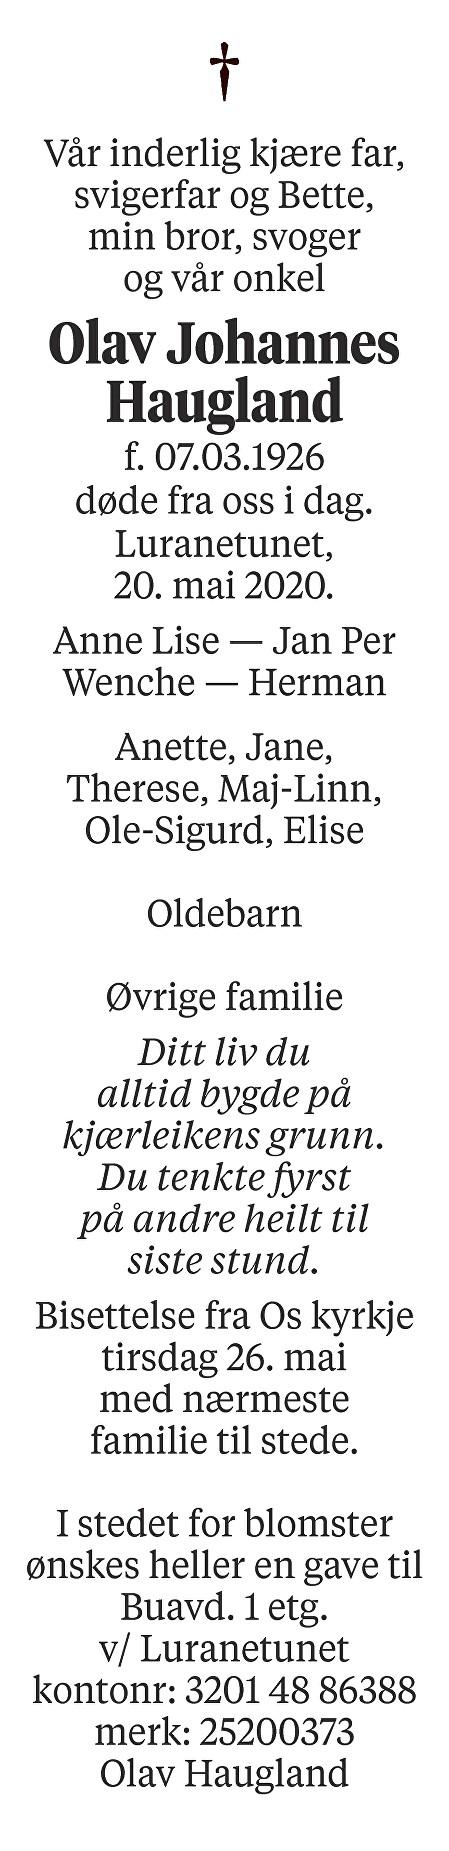 Olav Johannes Haugland Dødsannonse